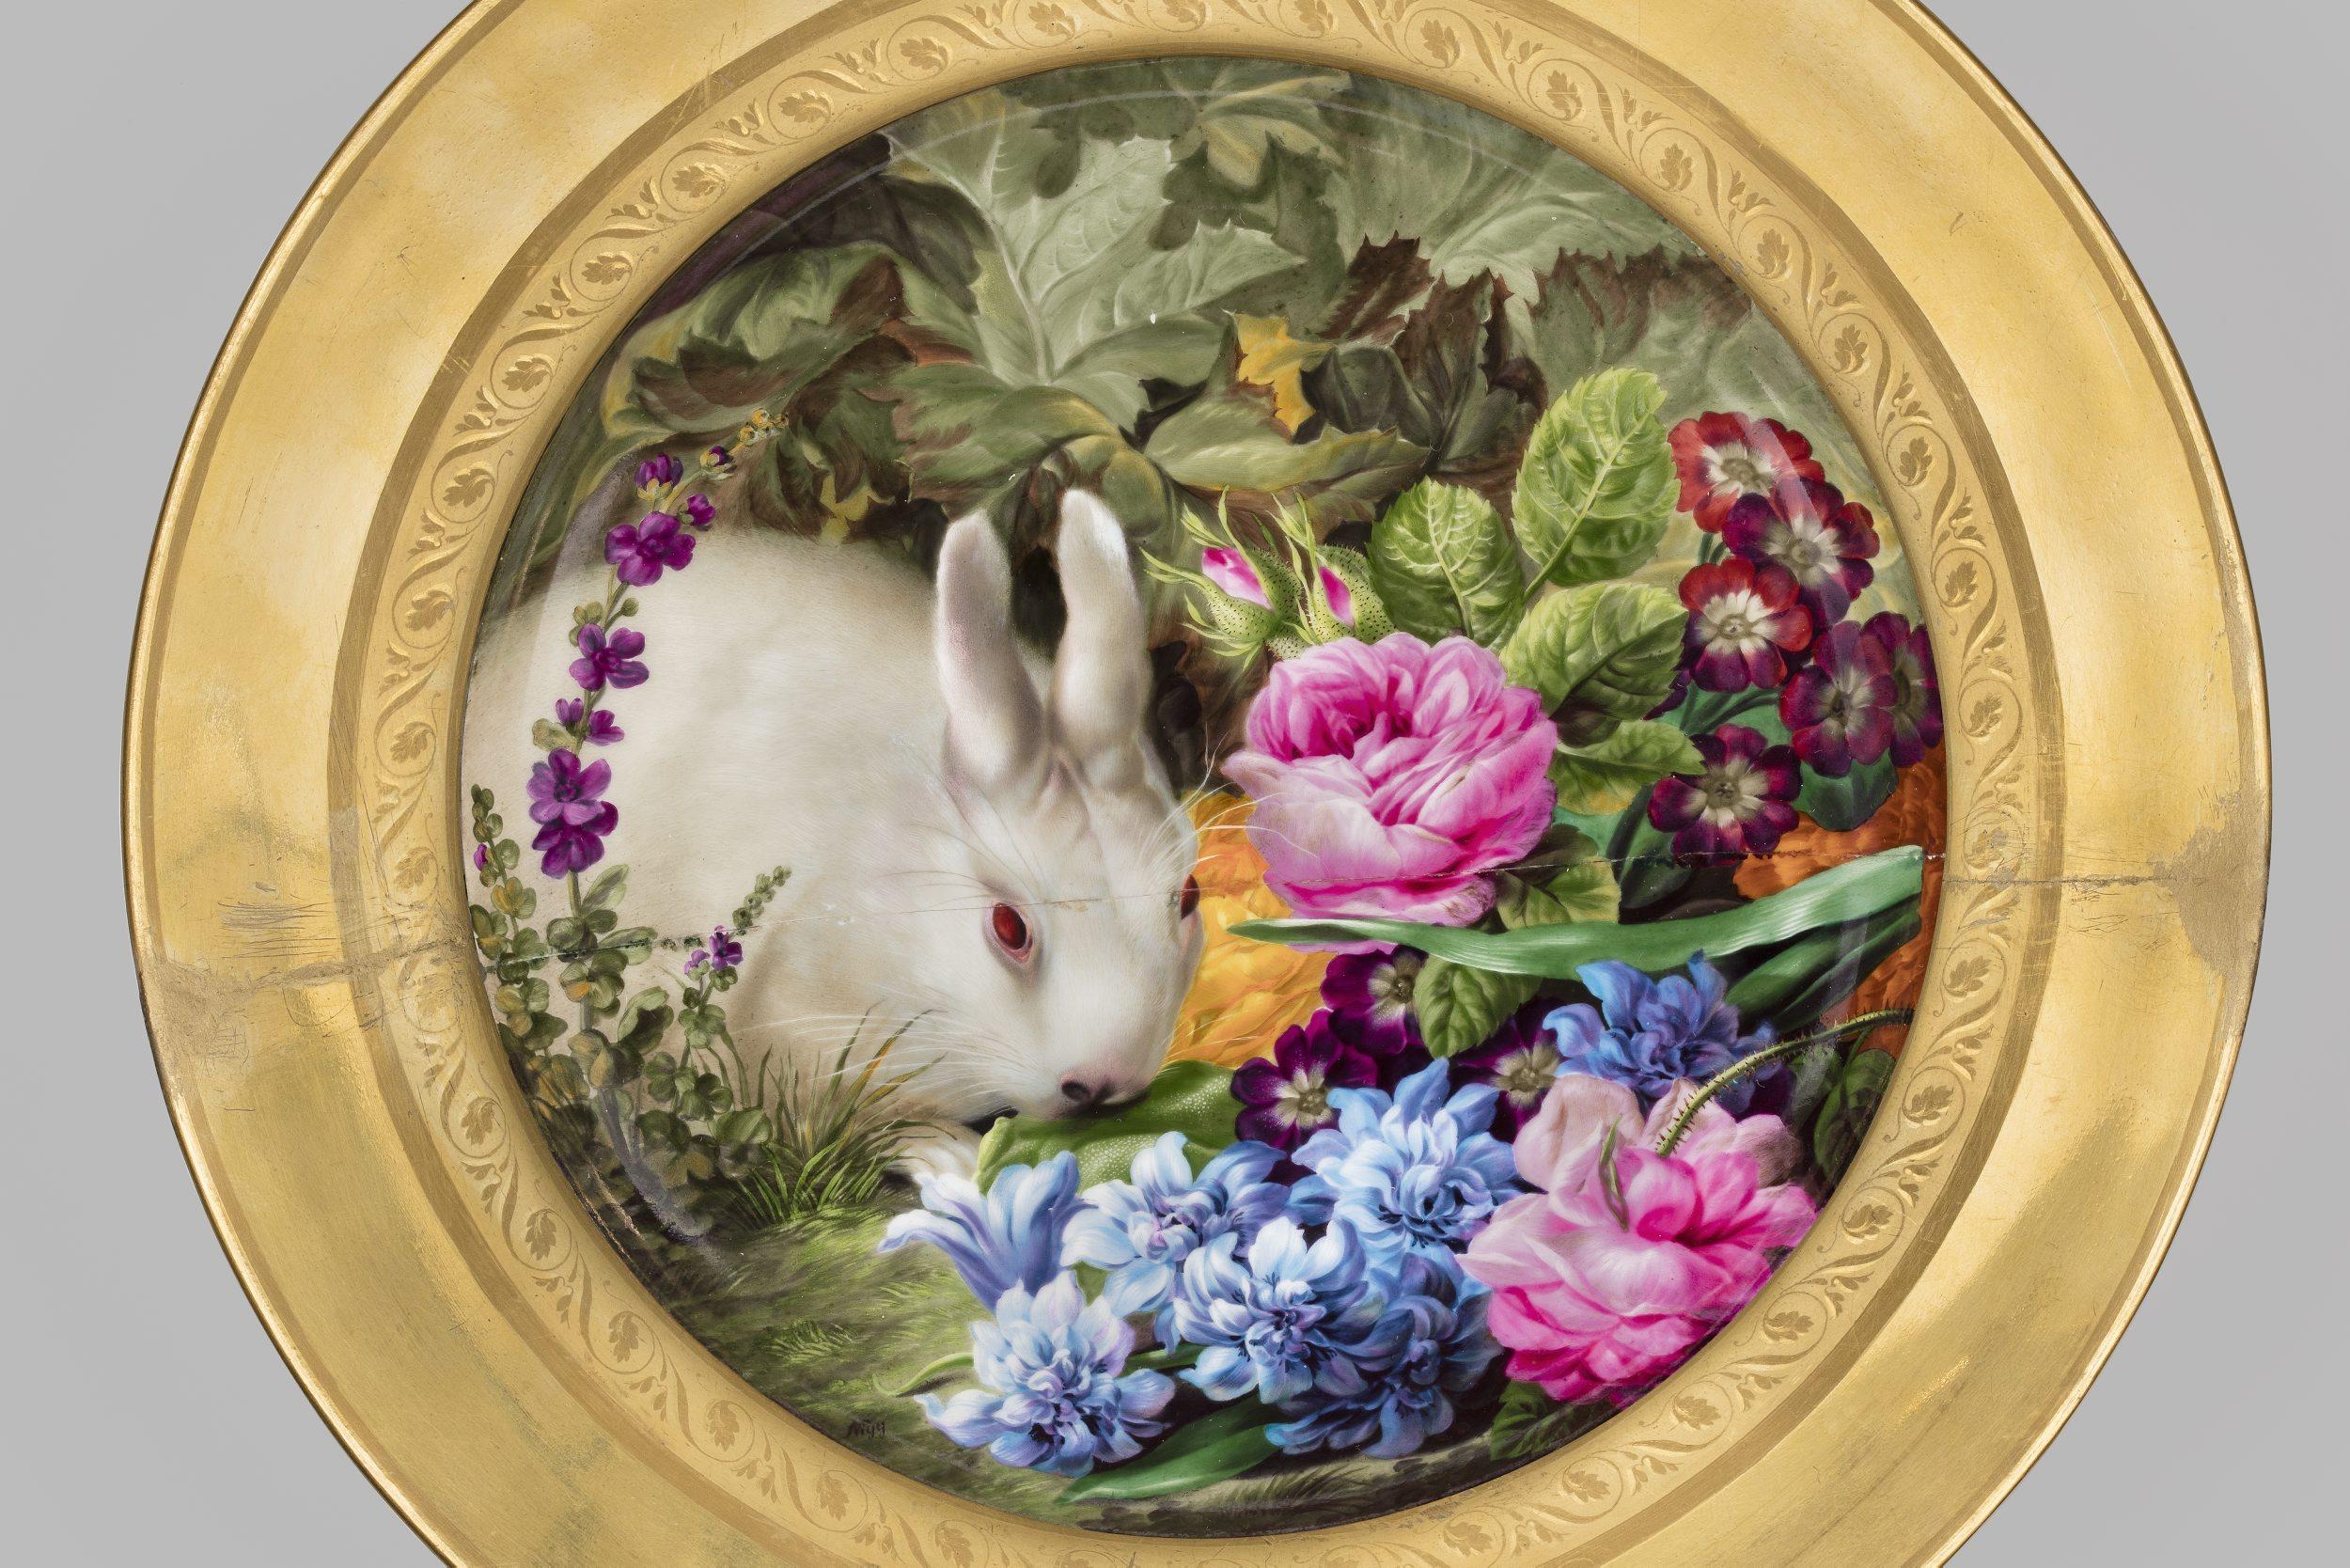 Biedermeier Talerz z krolikiem wsrod kwiatow Wieden Cesarska Manufaktura Porcelany miniatura Josef Nigg 1782-1863 1815 Muzeum Narodowe w Warszawie